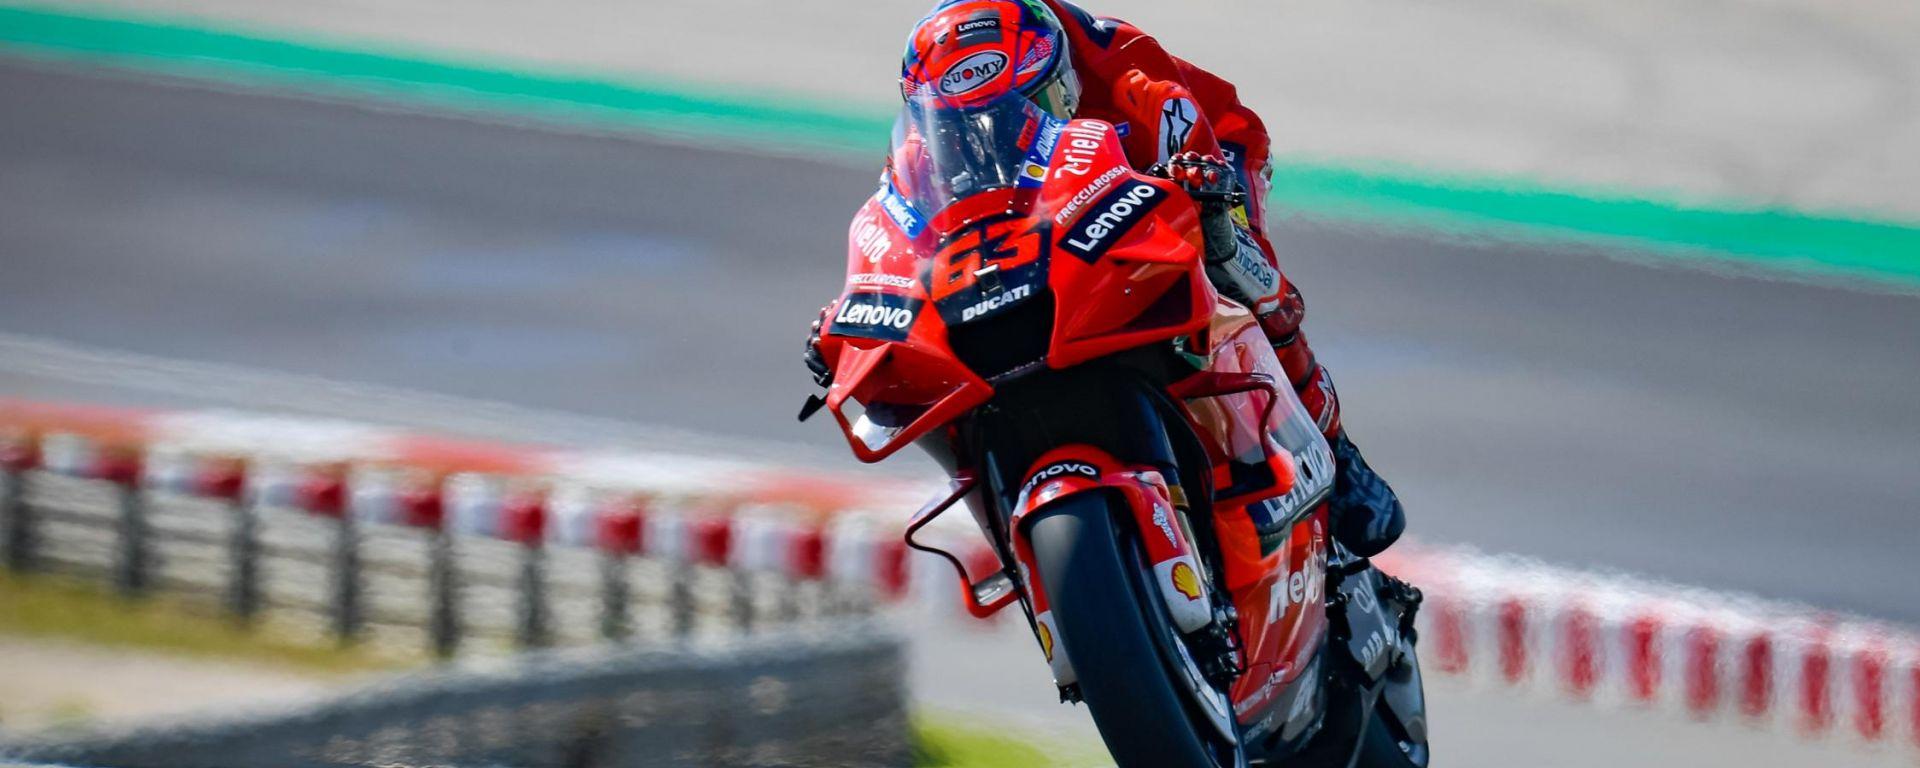 MotoGP Portogallo 2021, Portimao: Francesco Bagnaia (Ducati Team)